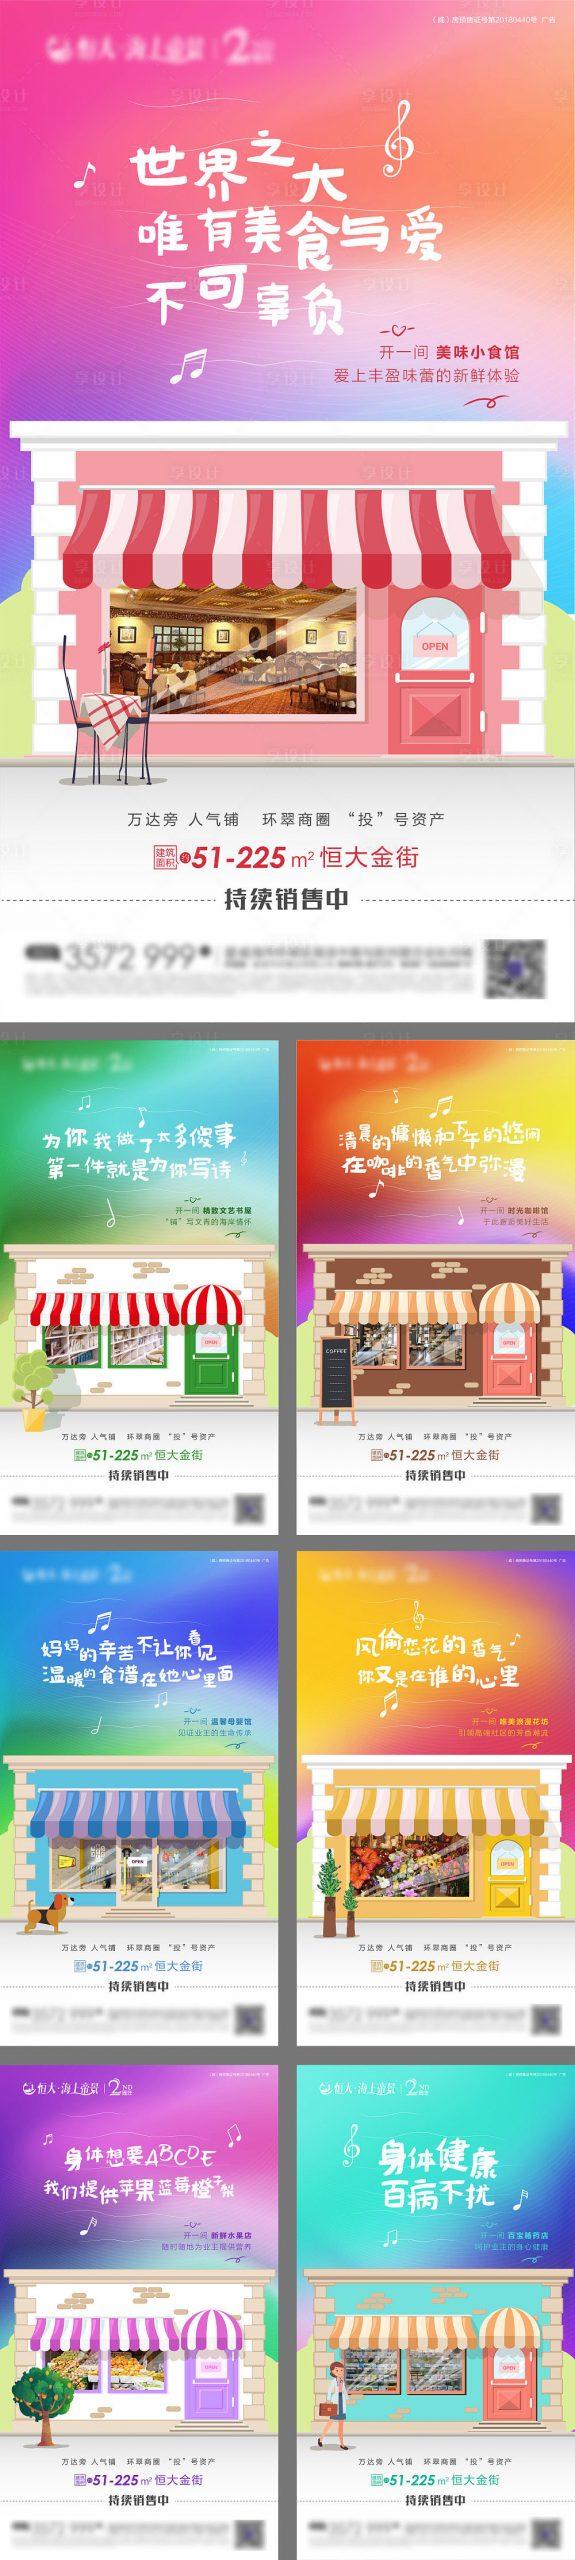 缤纷商业地产商铺招商海报系列AI源文件插图